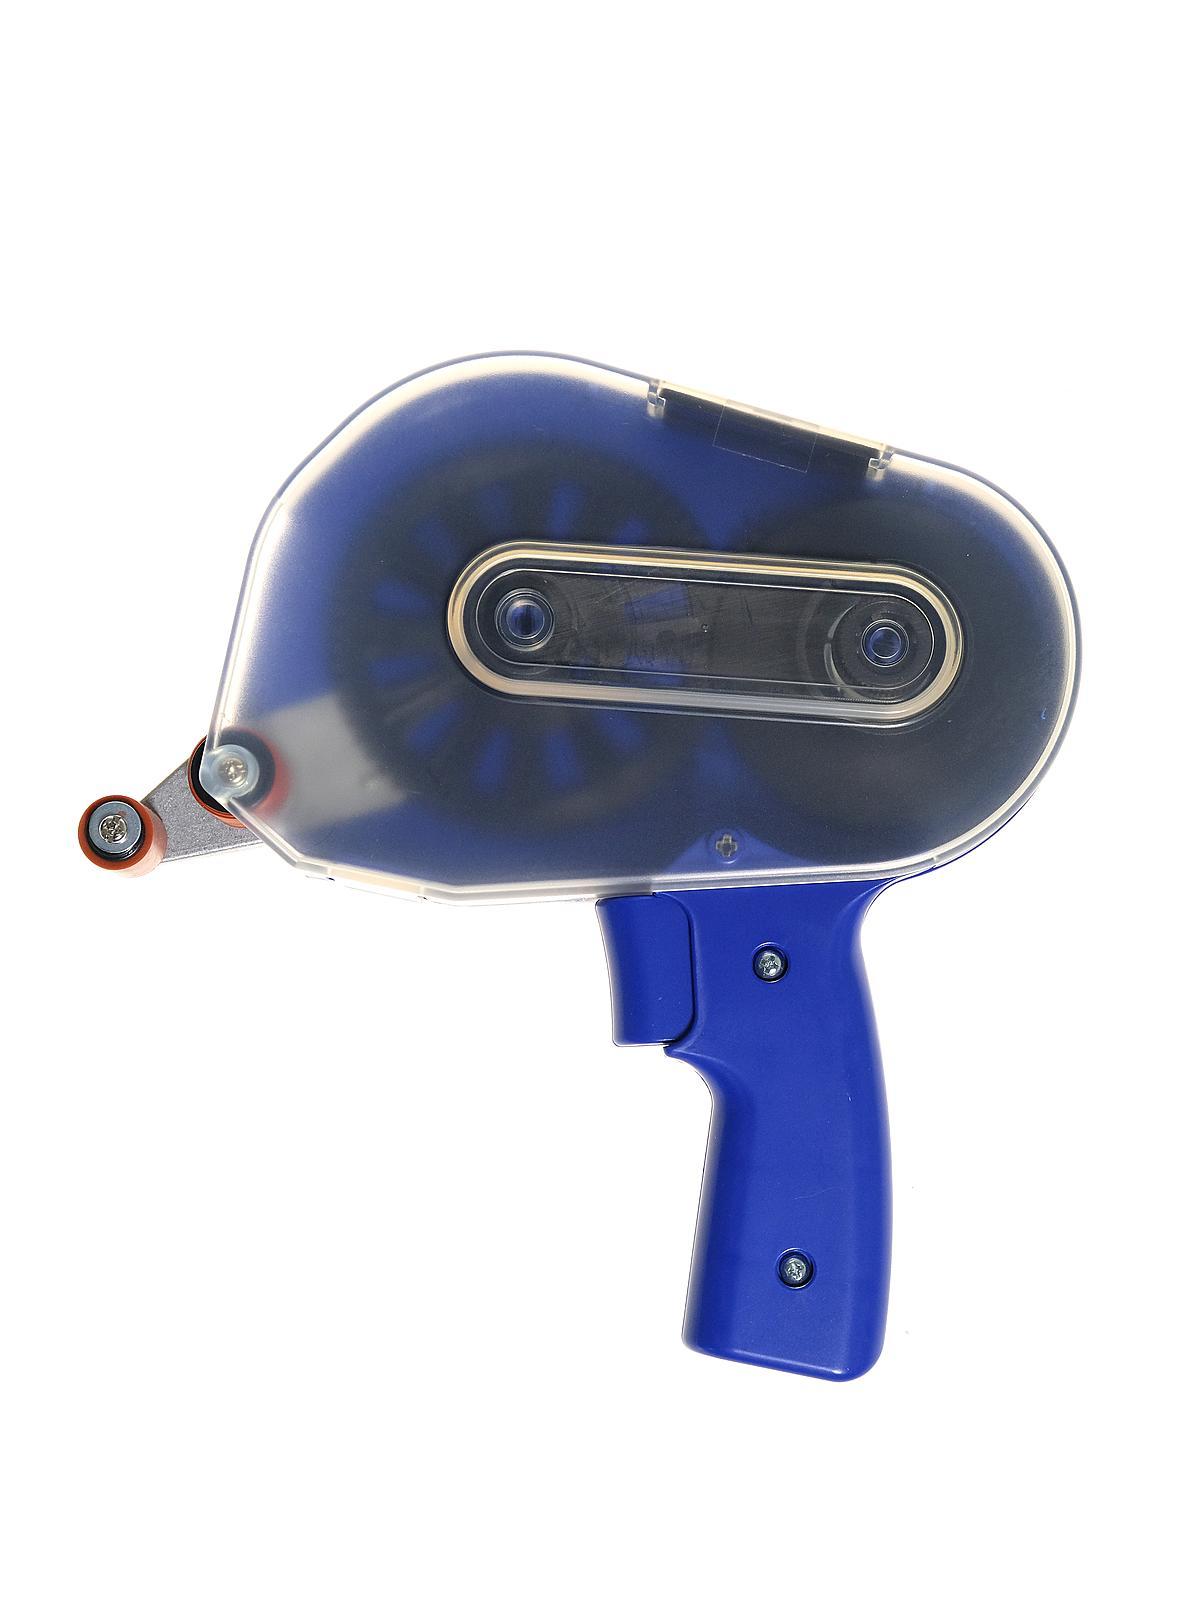 ATG HD Dispenser